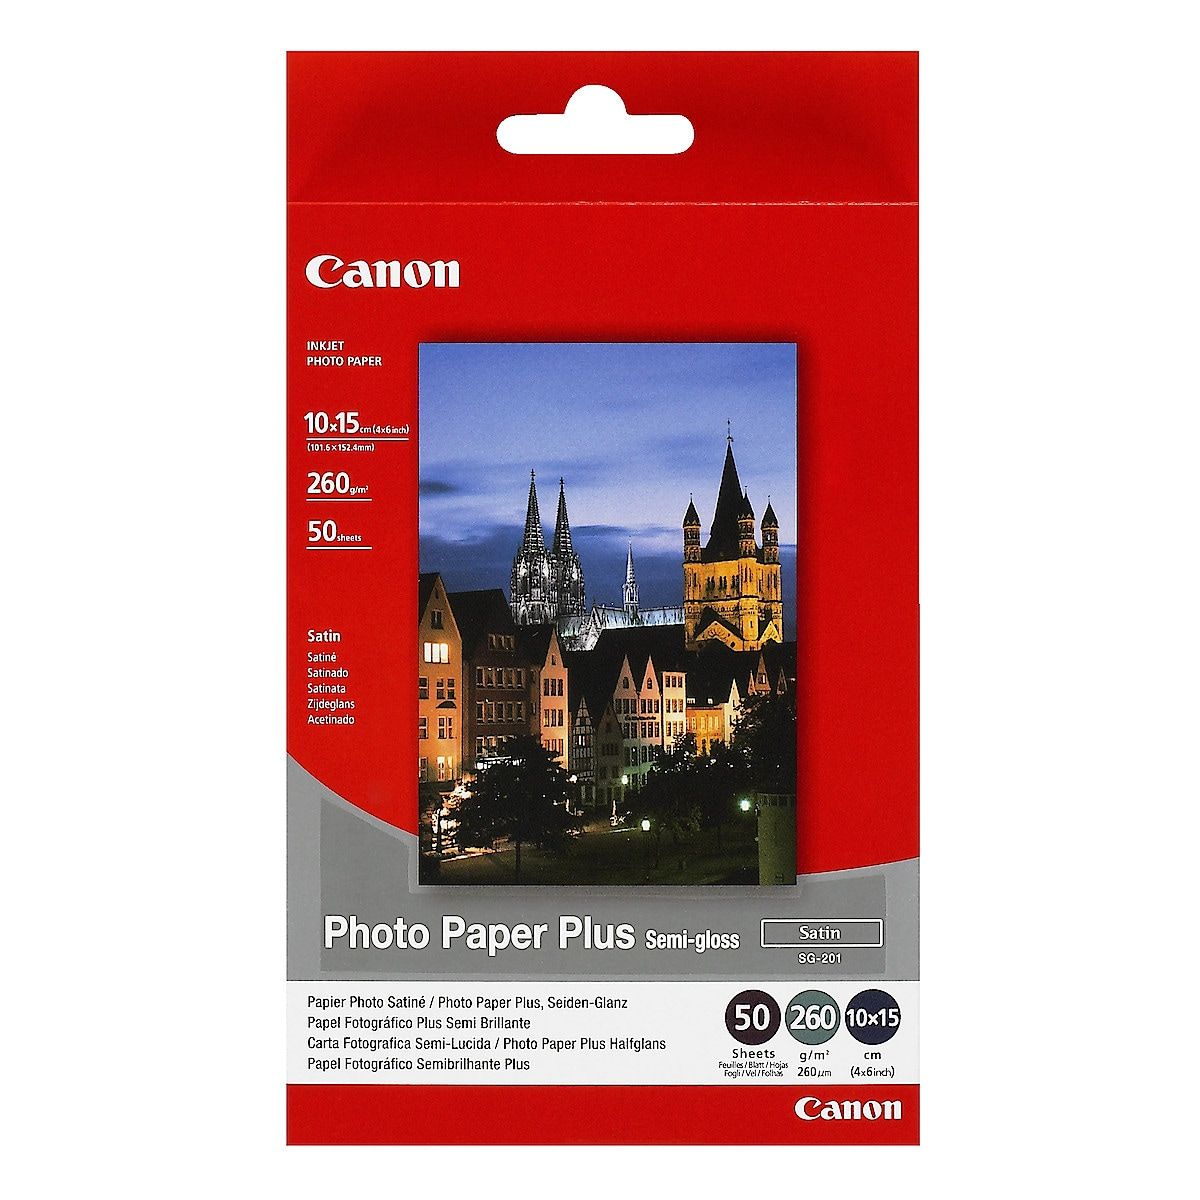 Mustesuihkupaperi 10x15 cm Canon Photo Paper Plus SG-201, semi-glossy